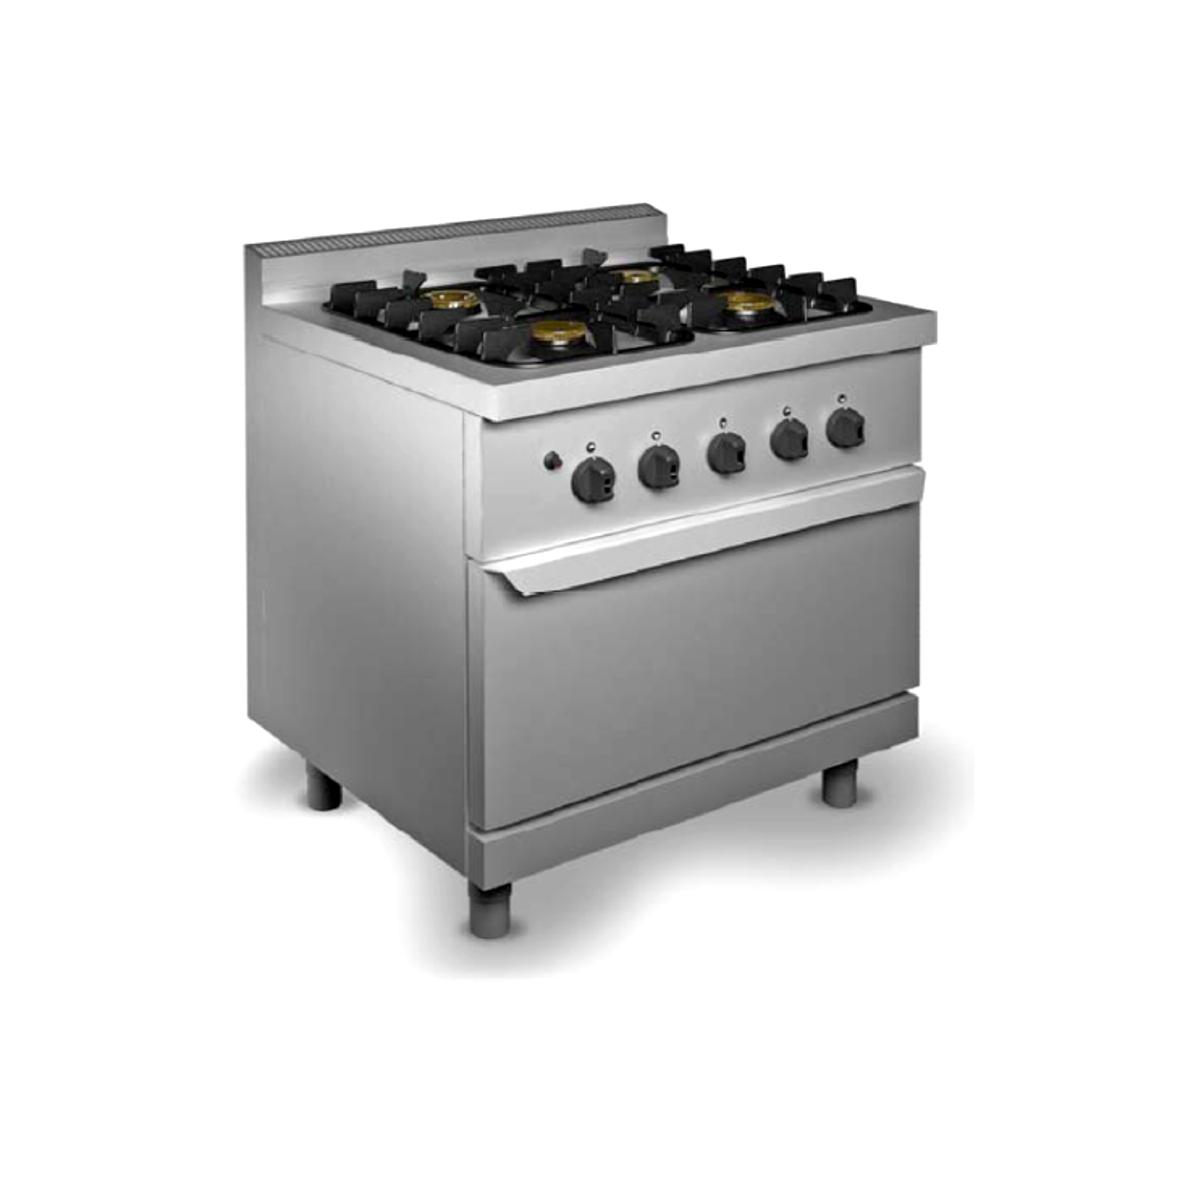 Cucina professionale 4 fuochi con forno a gas - Migliore cucina a gas ...